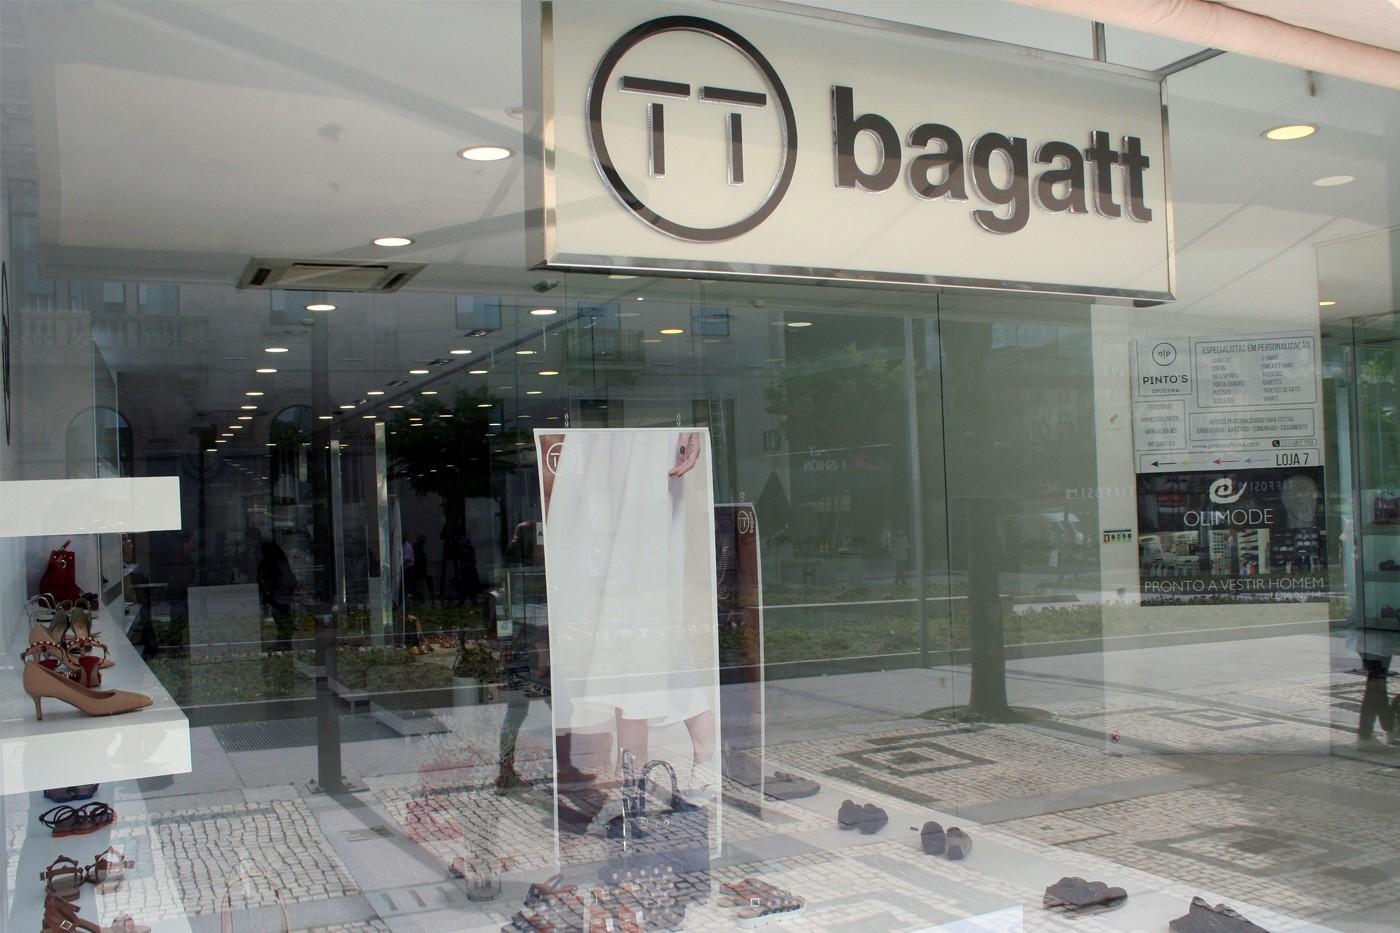 Bagatt - Braga